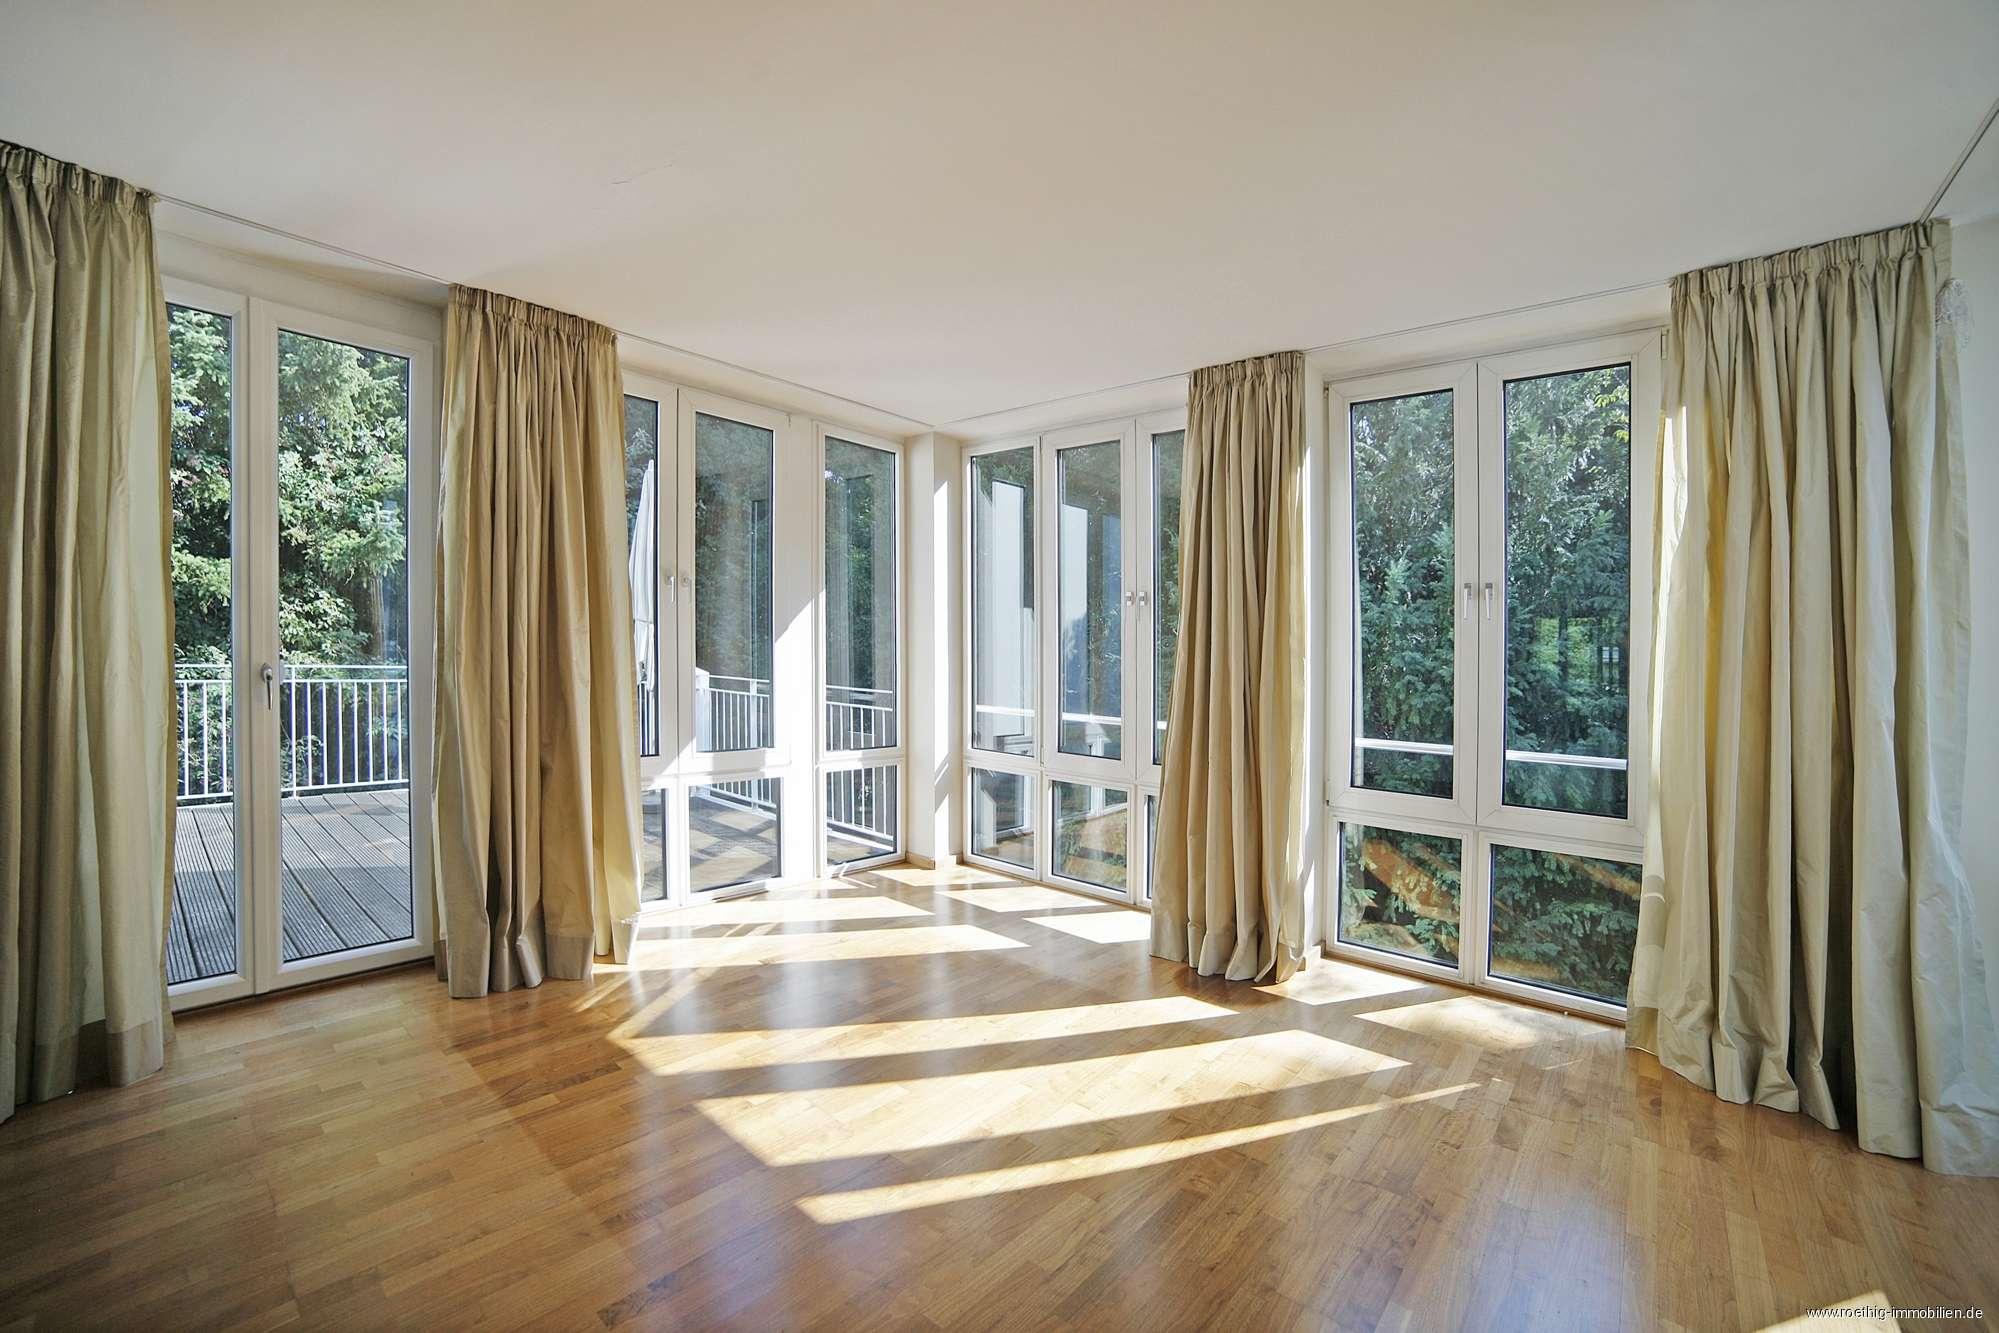 Schwabing-Luxusresidenz am Englischen Garten!Traumhafte 4 Zimmer Terrassenwohnung auf Parkgrundstück in